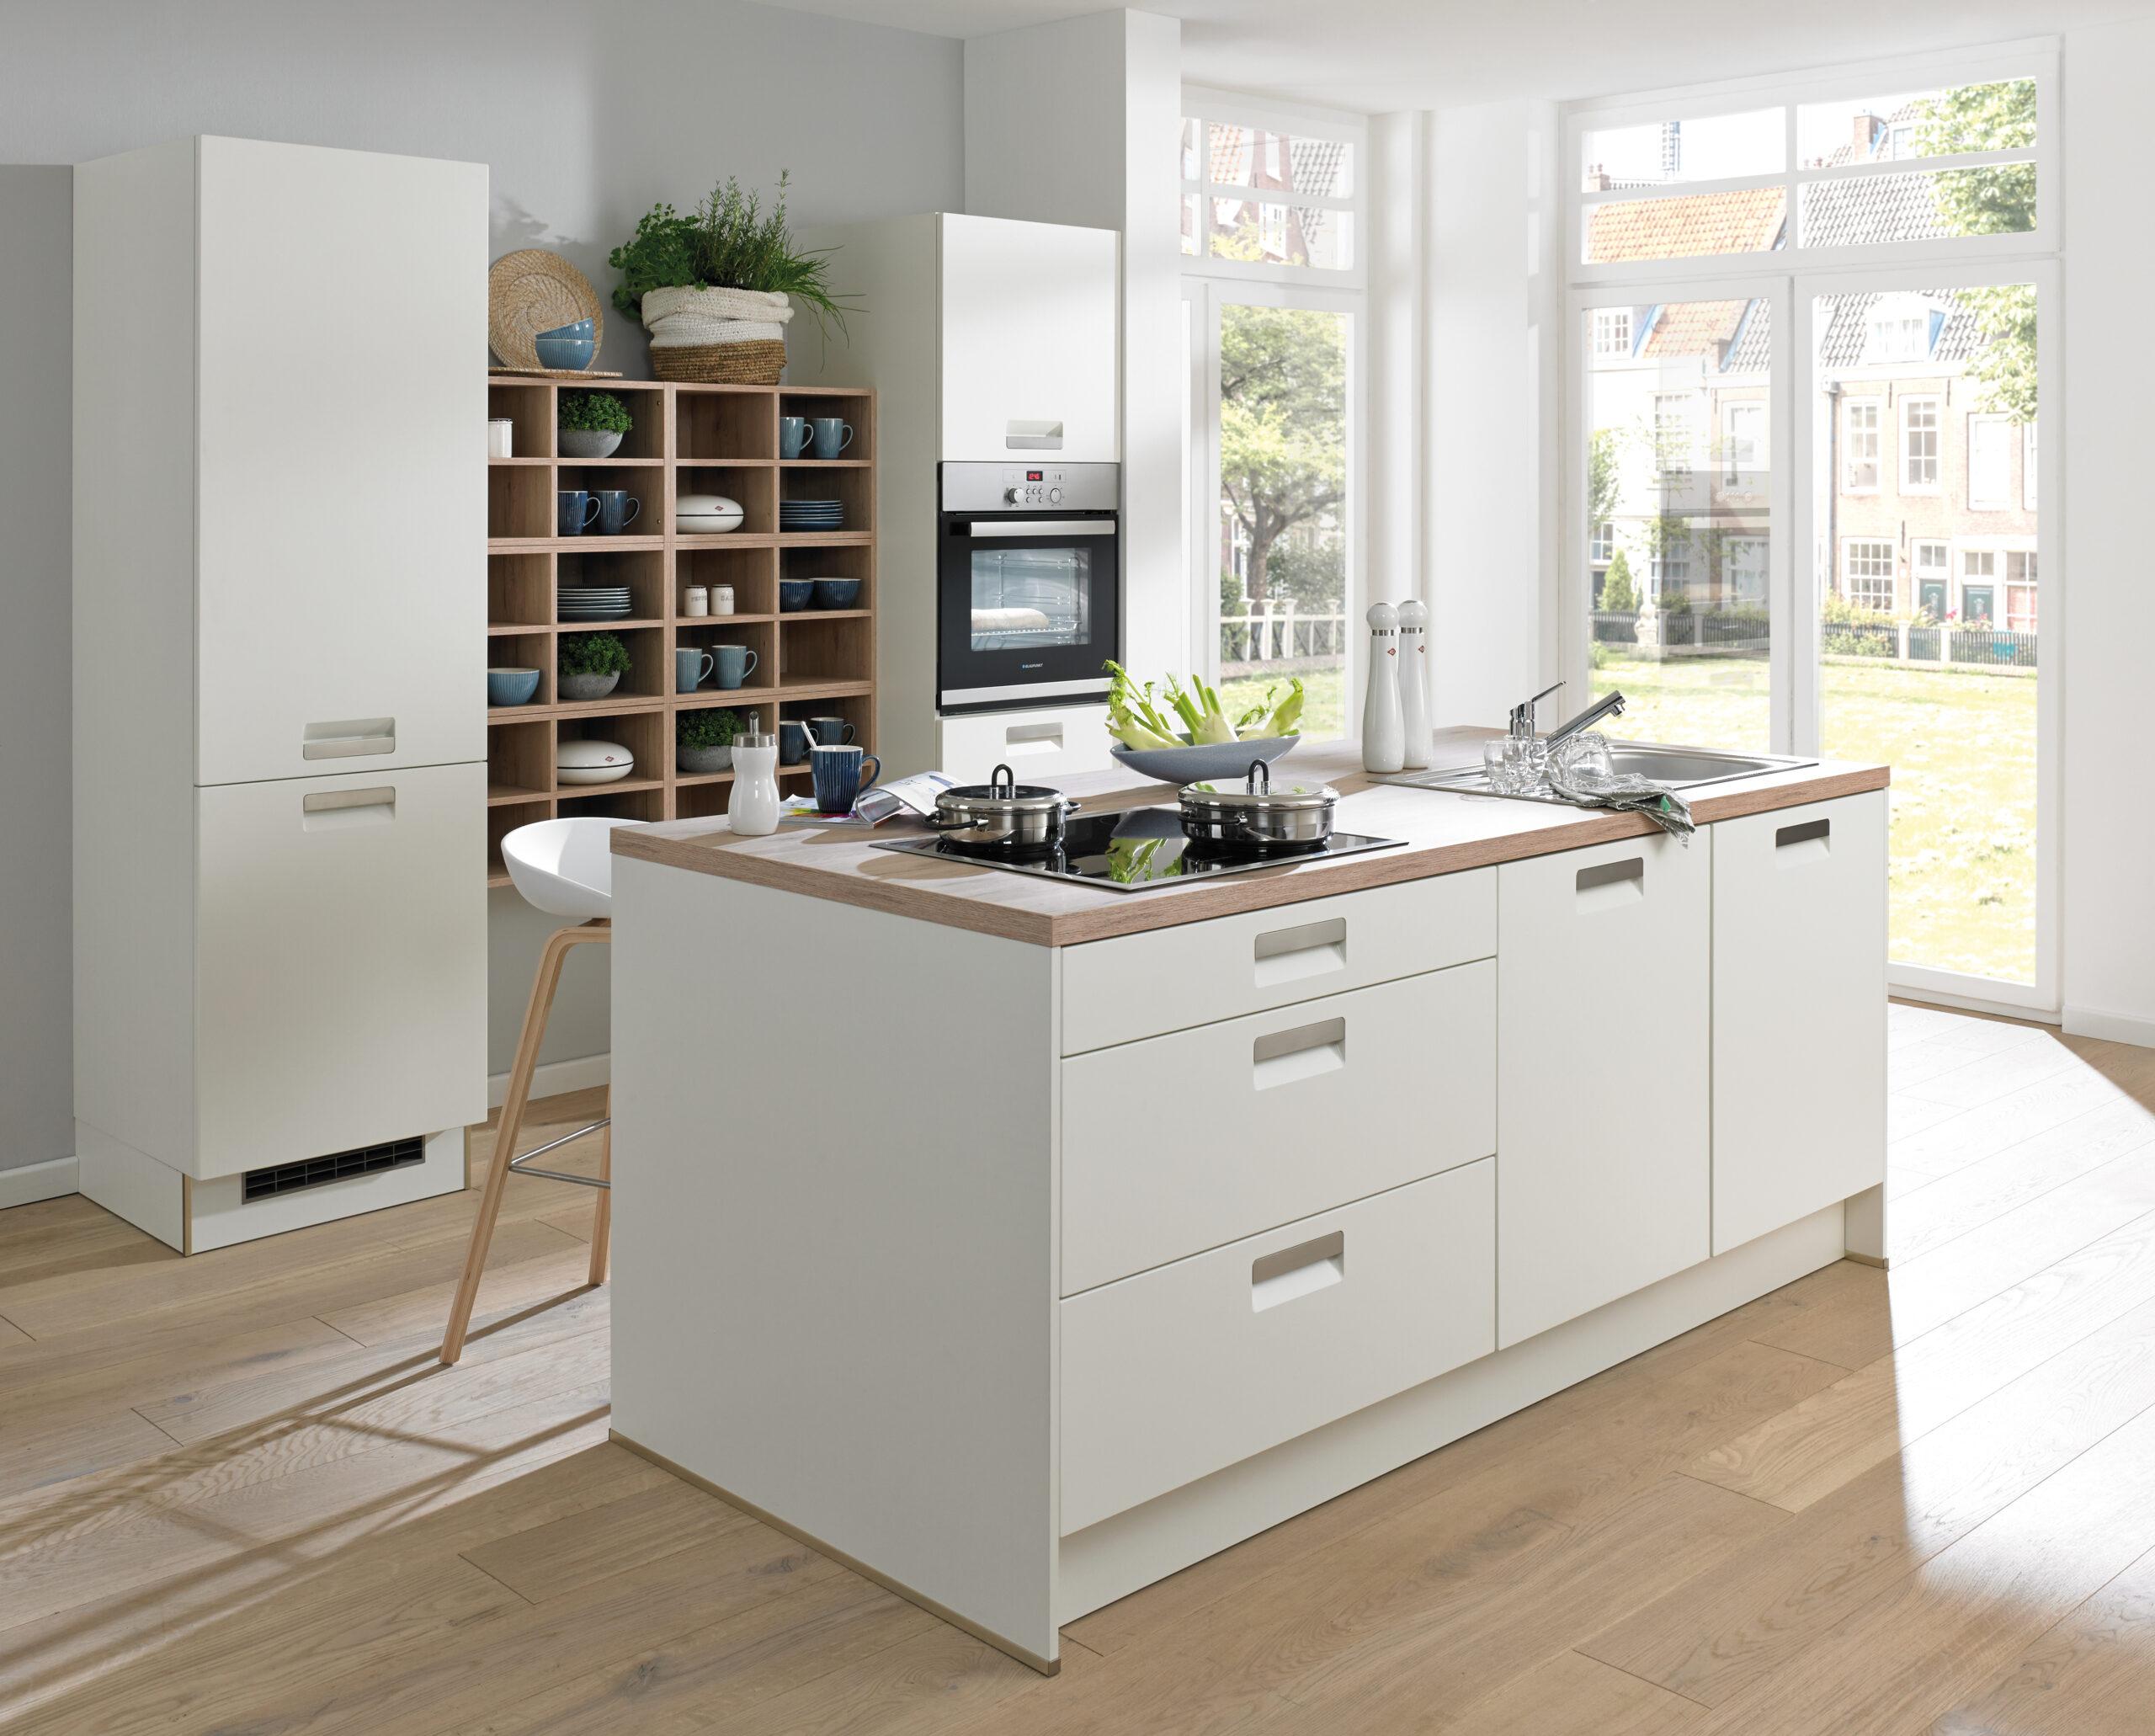 Full Size of Nolte Küchen Glasfront Richtige Pflege Fr Kchenfronten Kcheco Regal Küche Schlafzimmer Betten Wohnzimmer Nolte Küchen Glasfront